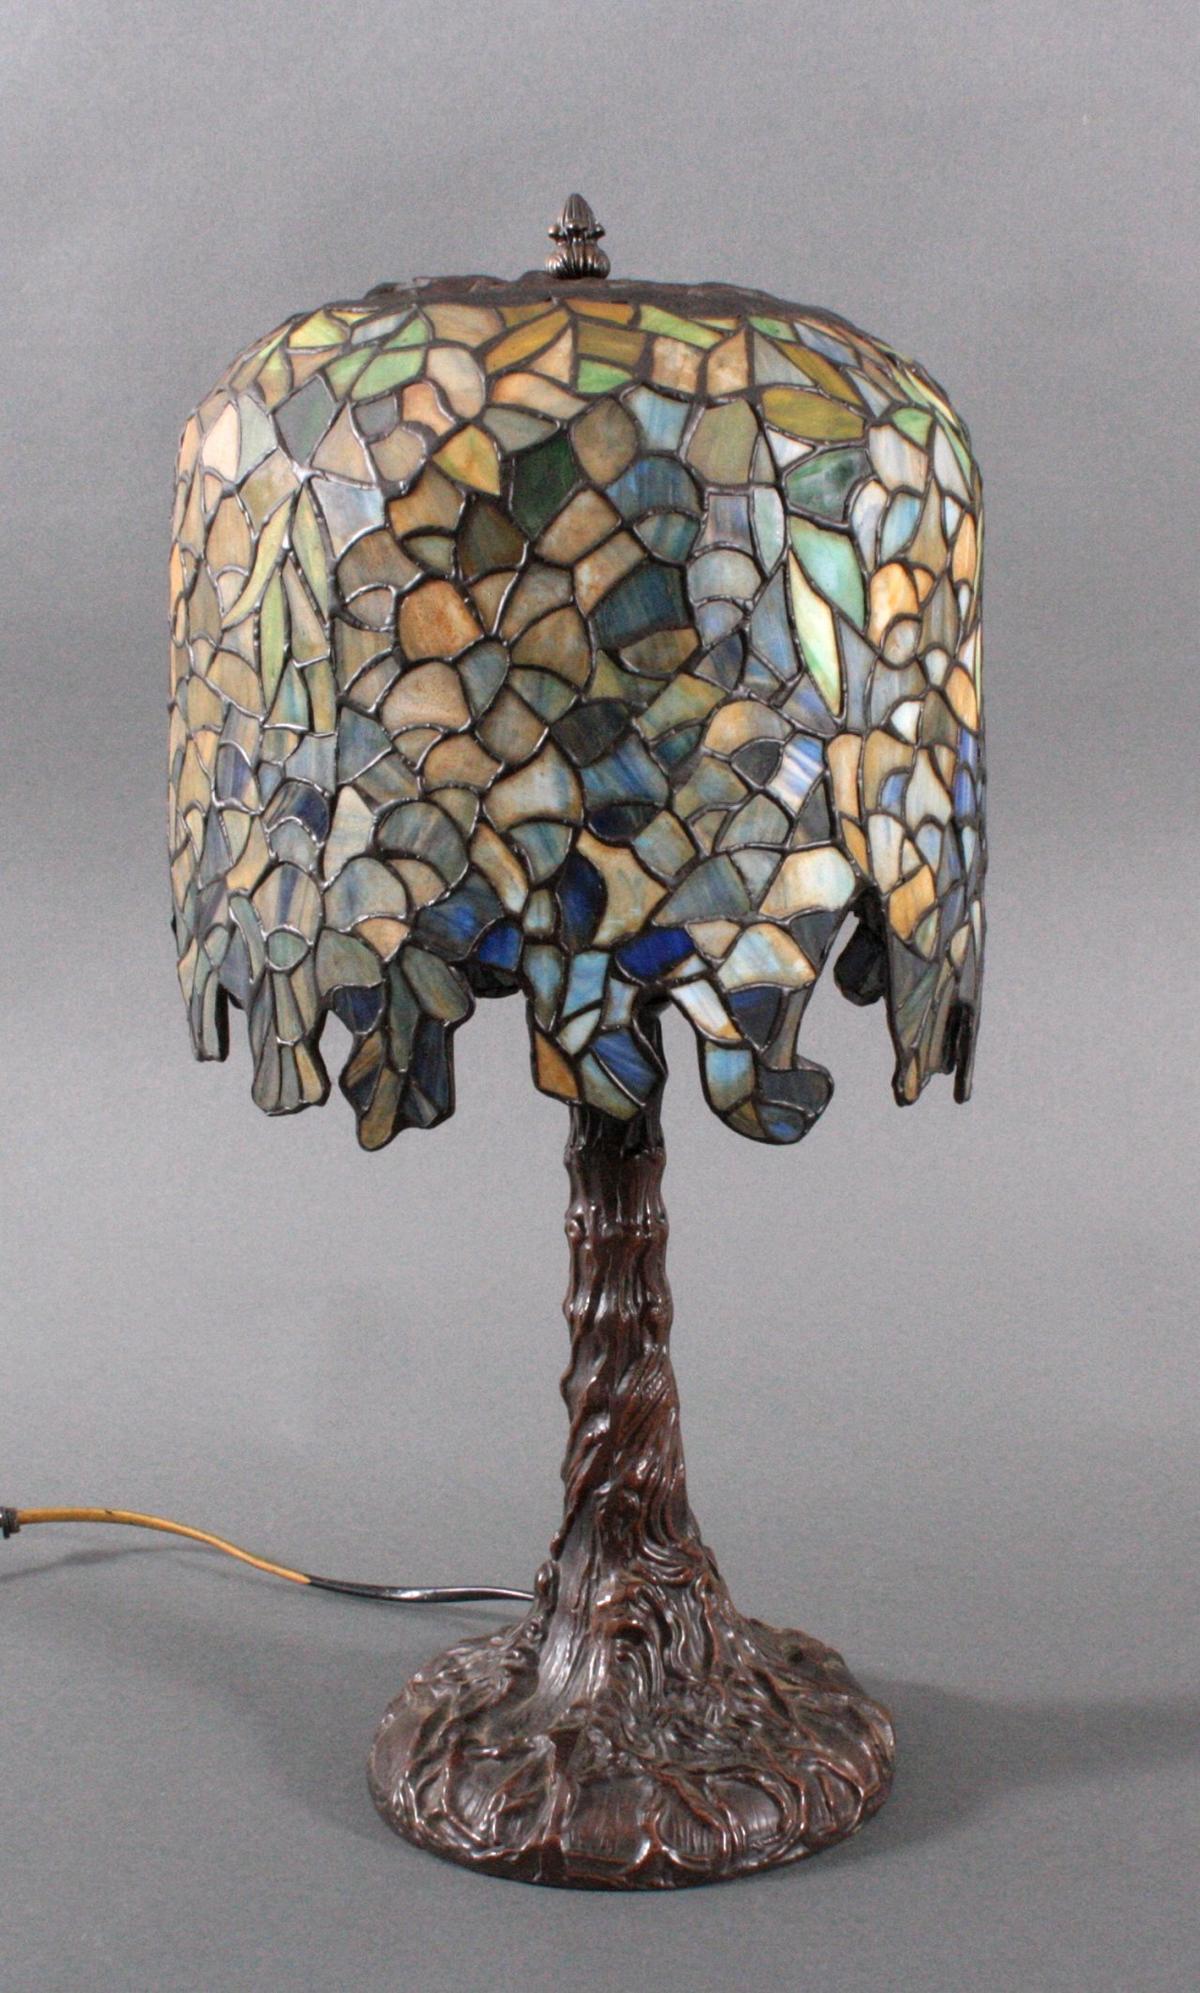 Jugendstil Tischlampe im Tiffany-Stil